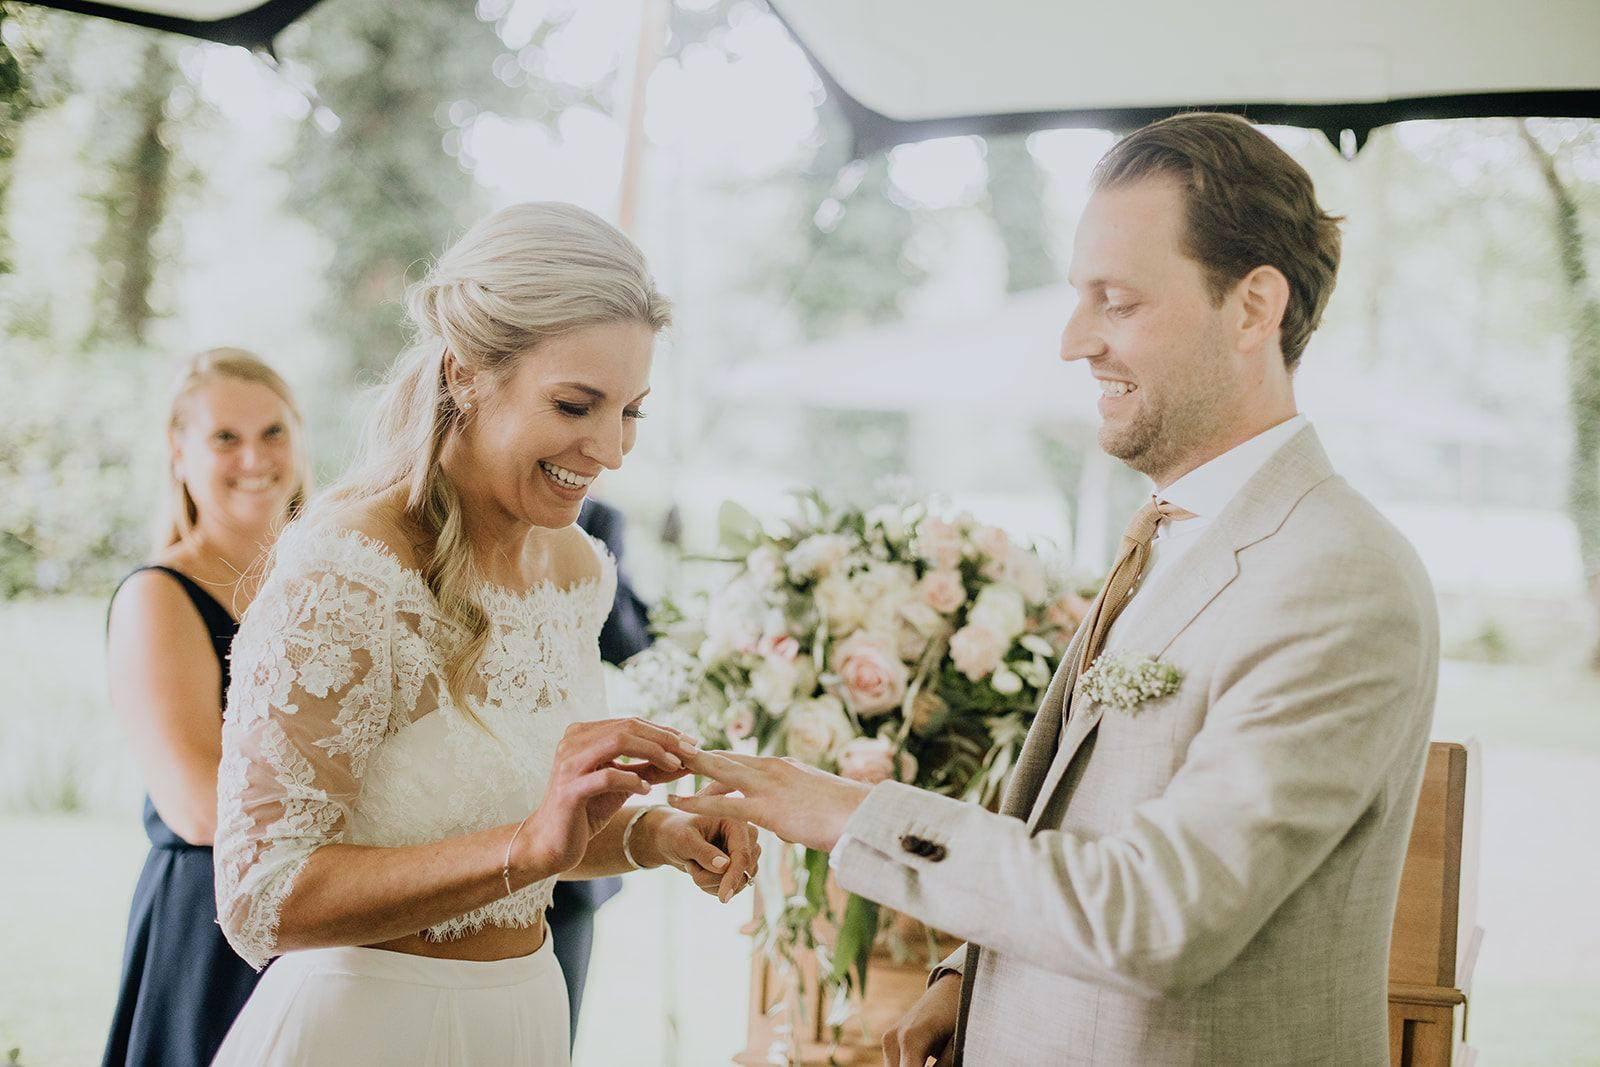 Event'L Ceremonie - Fotograaf Lux Visual Storytellers - House of Weddings 6